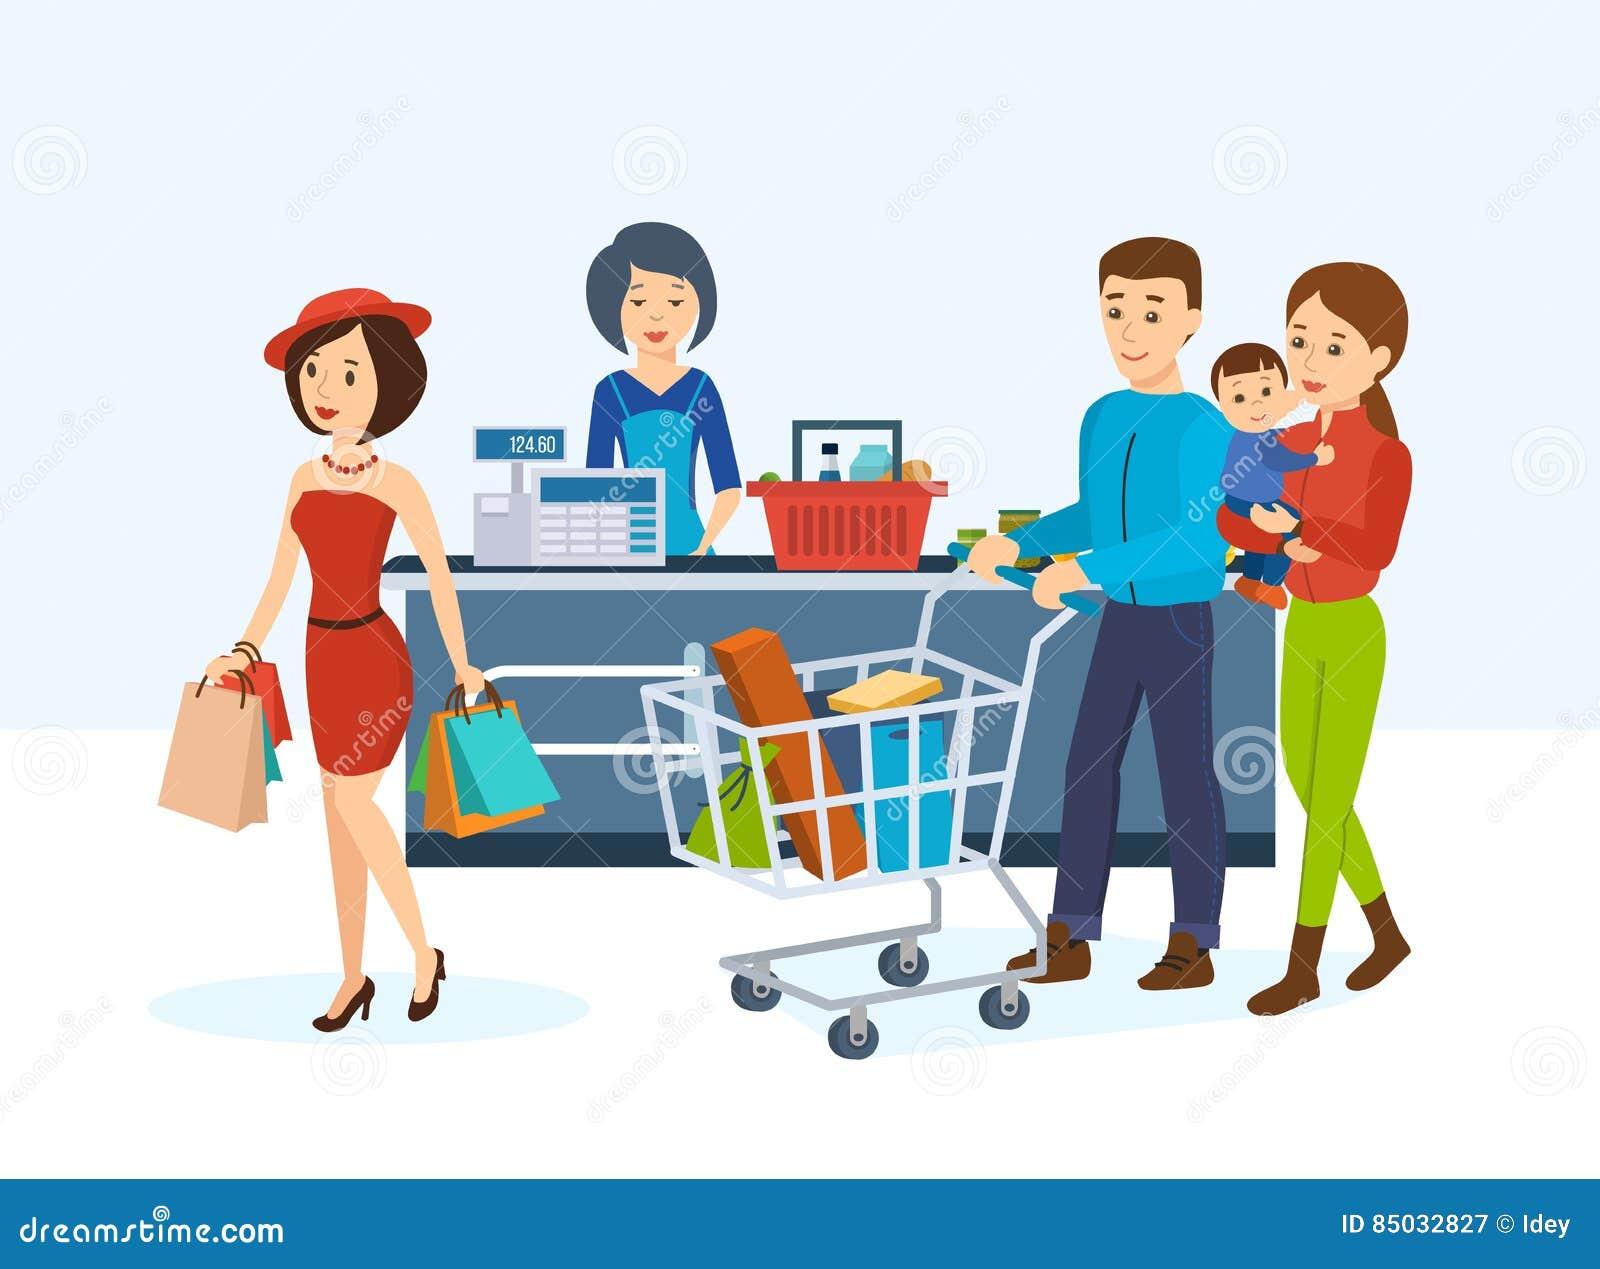 Os compradores, circundam a loja a fim comprar bens